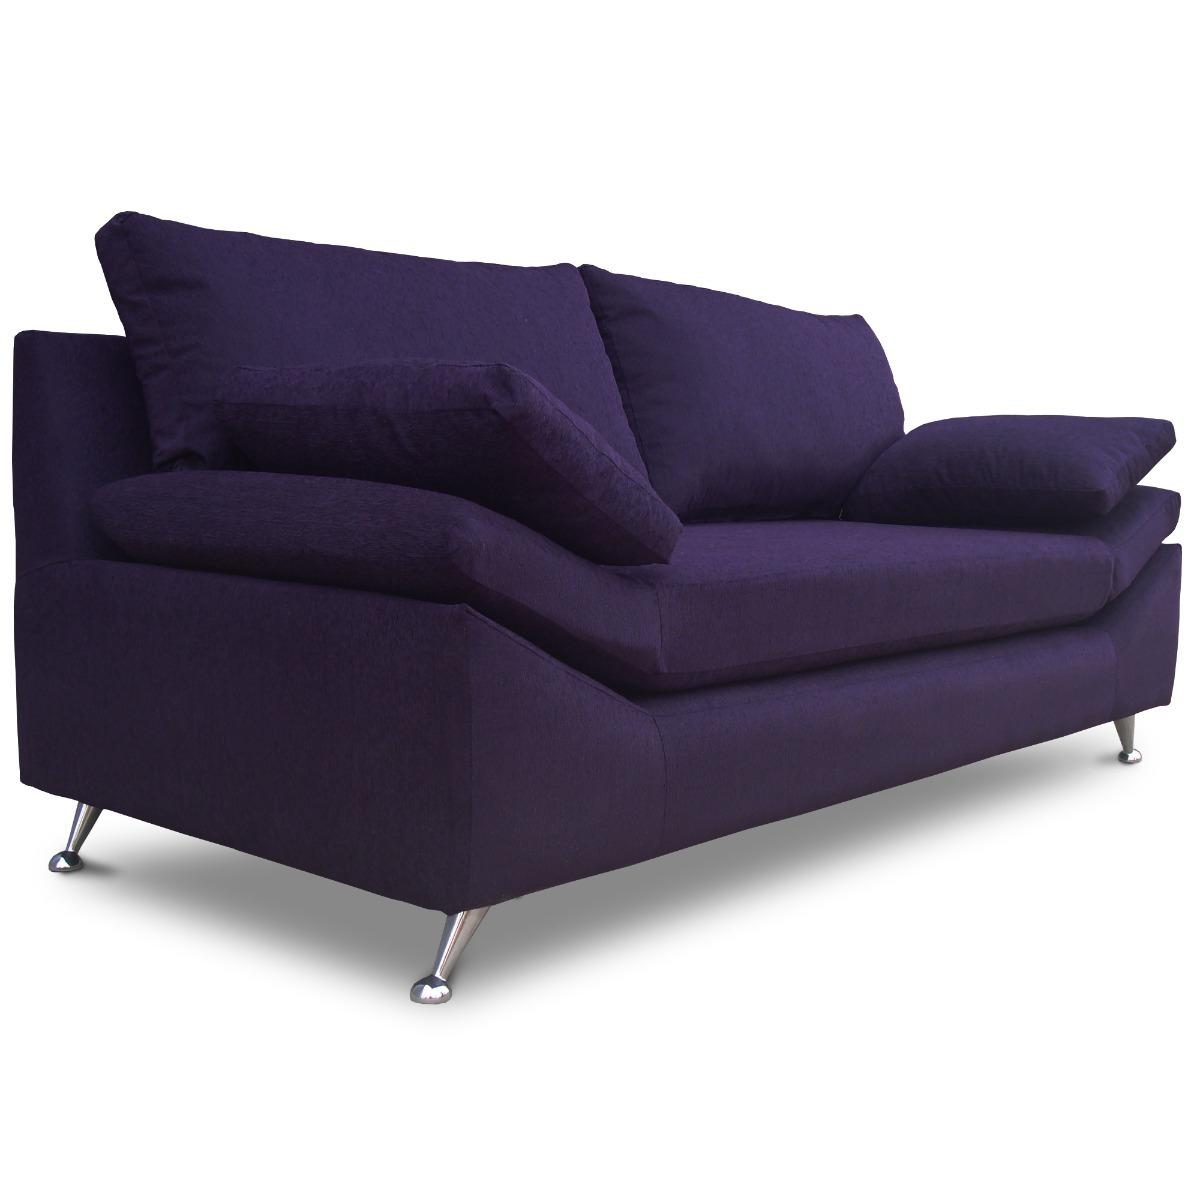 Sillones Modernos H9d9 Sillon sofa 3 Cuerpos Moderno Contreras Diseà Os 10 100 00 En